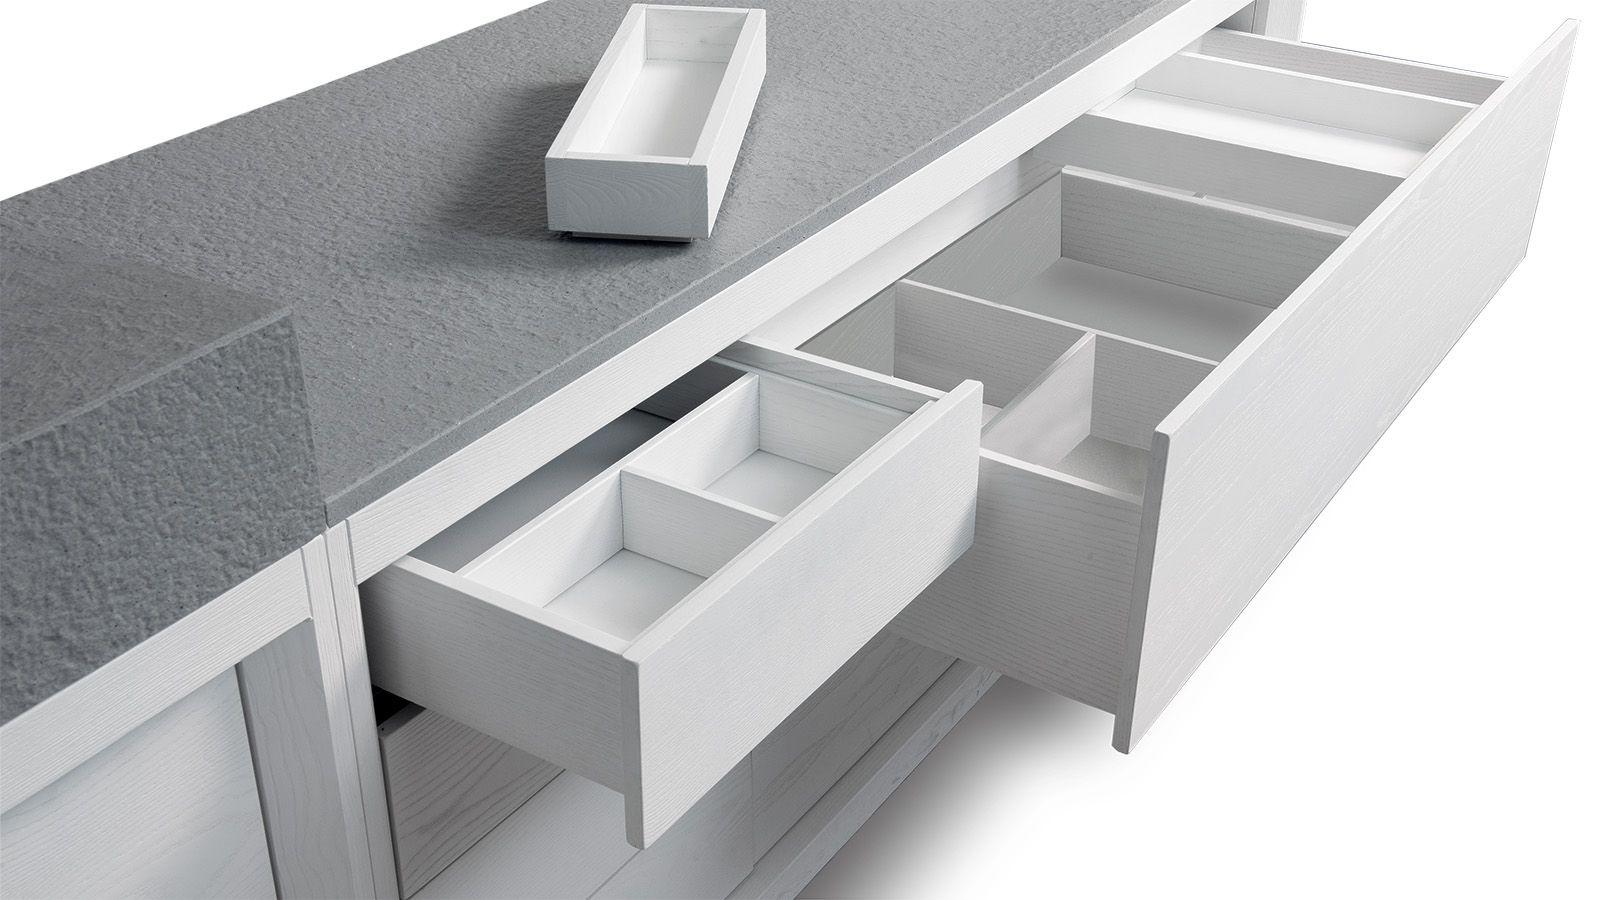 Enzo Berti ha disegnato per GD Arredamenti i mobili da bagno della collezione Dogi nella versione sospesa e a terra in legno di Frassino Bianco Alaska.